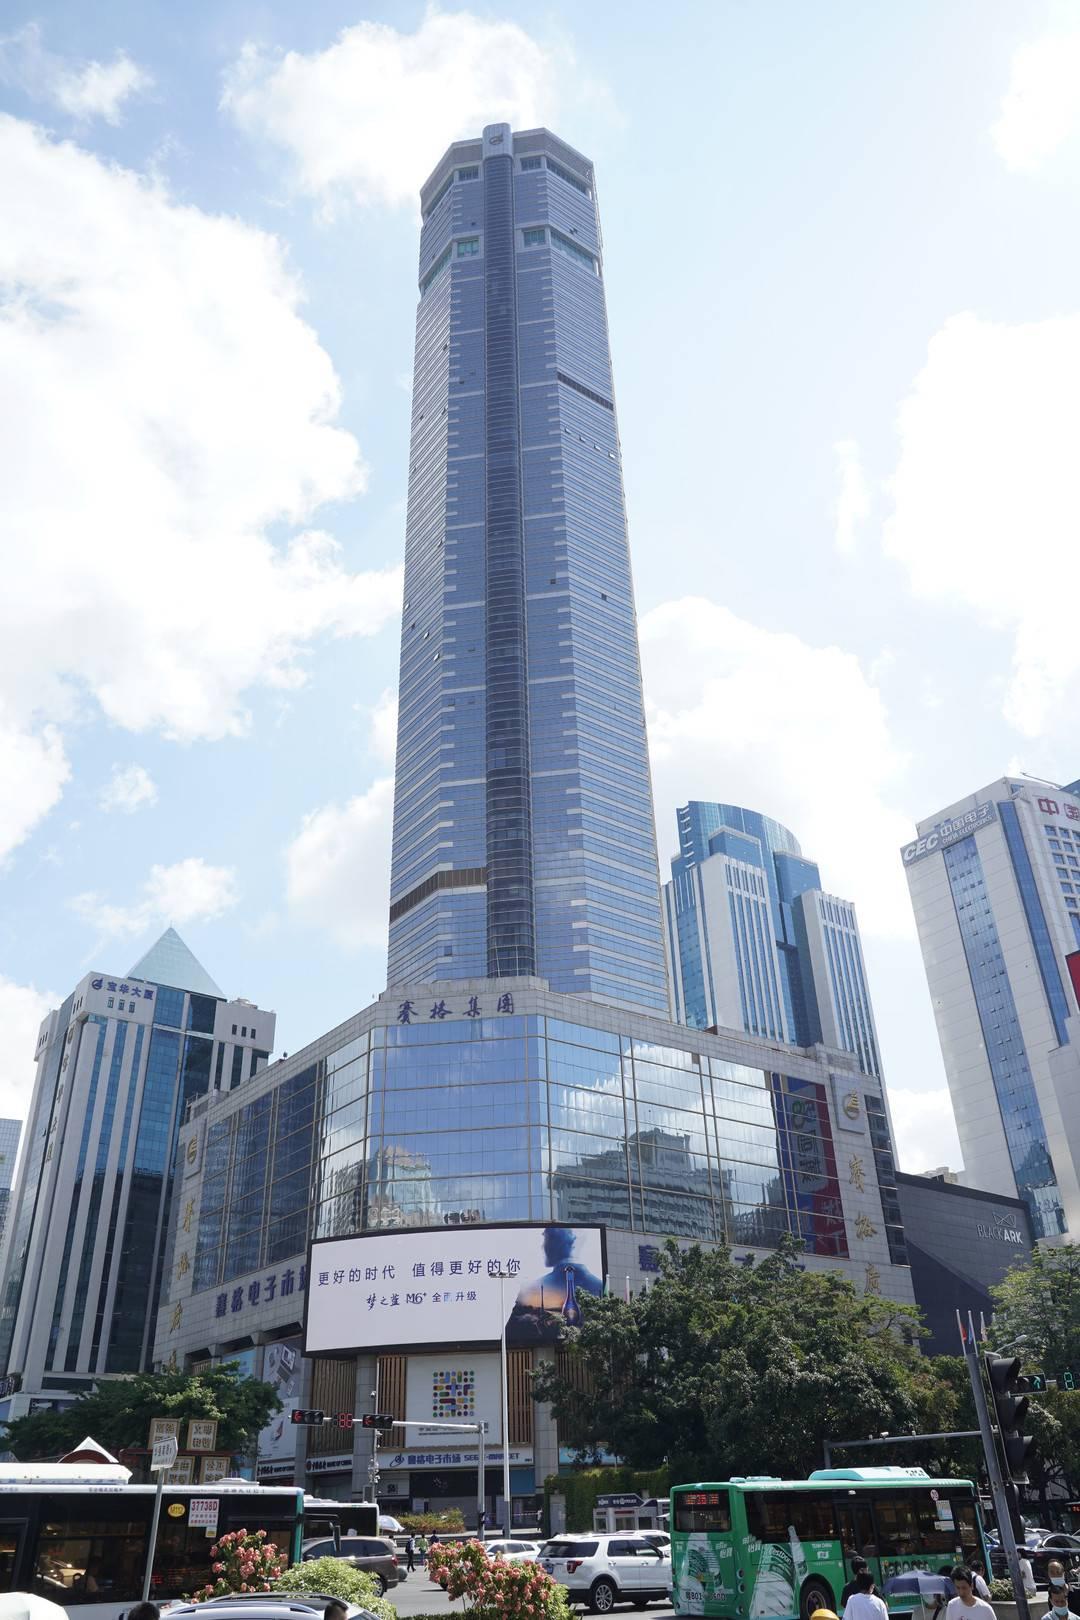 三个原因!70层楼摇晃初步调查结果来了!深圳赛格大厦因晃动事件检测工作暂停进出